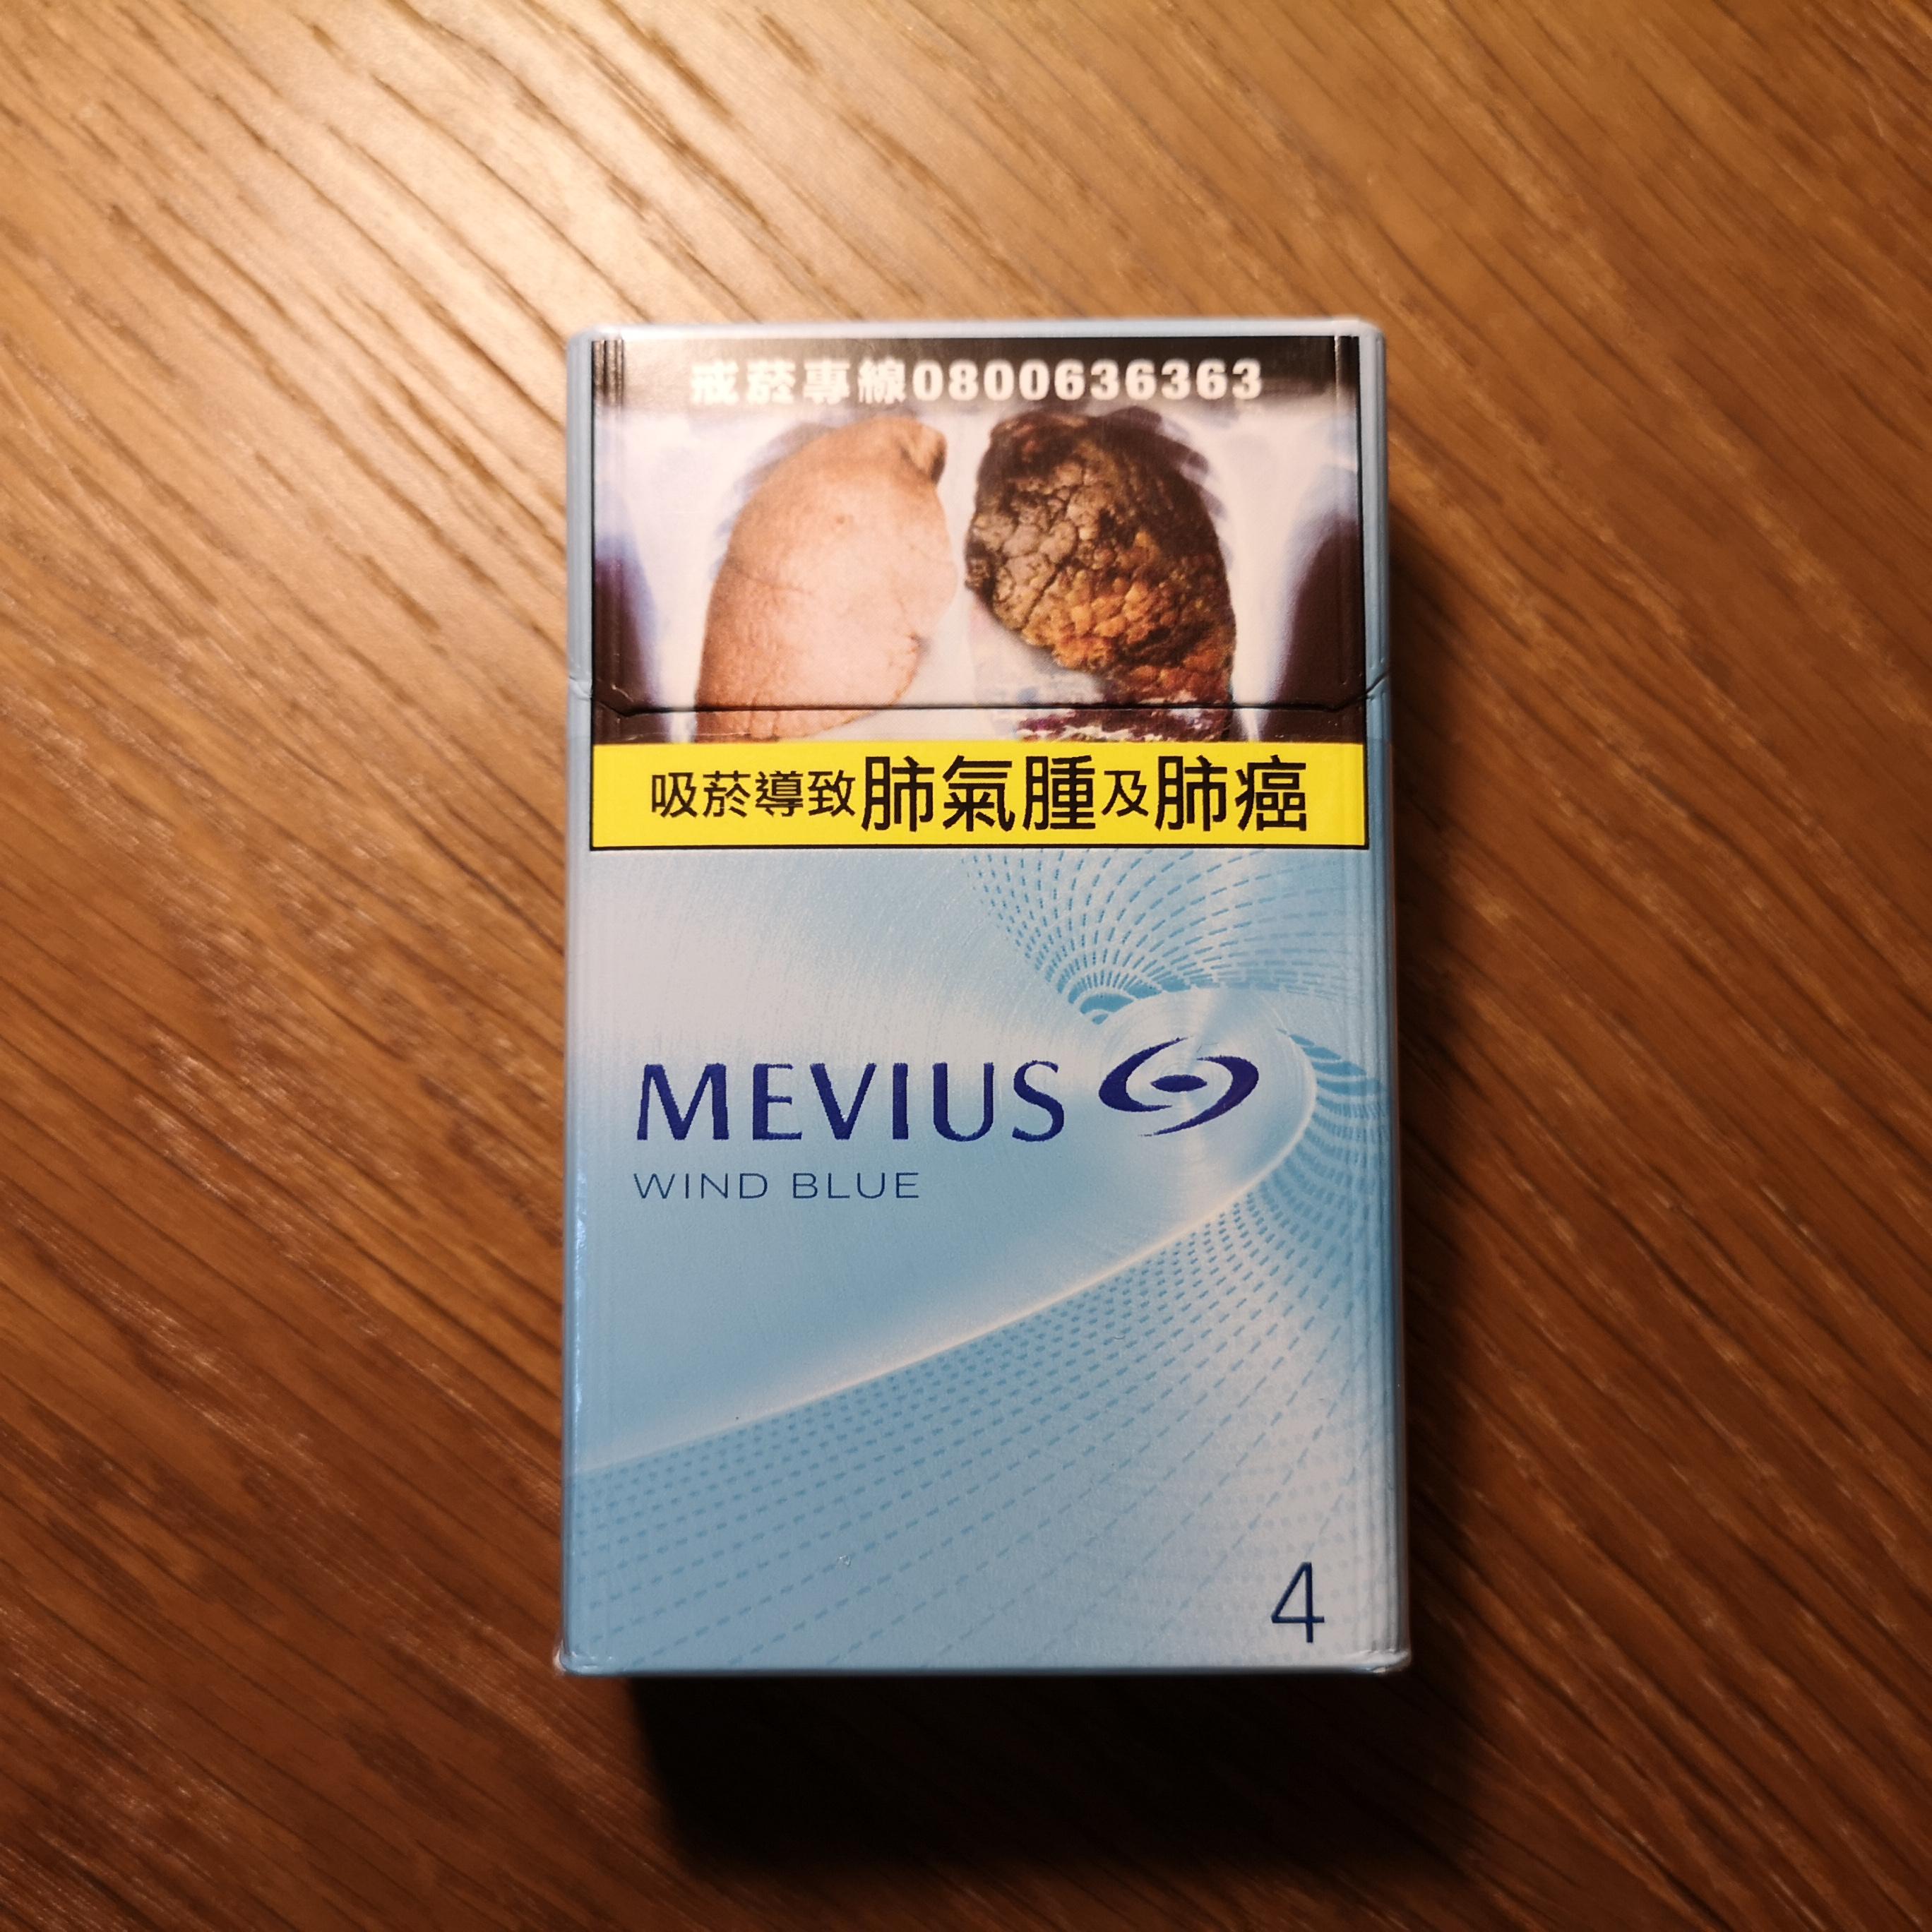 【生活雜寫】各品牌中淡濃度菸款整理,半年漸進式戒菸之路 - Gia's Place︱原來,我也是個花媽